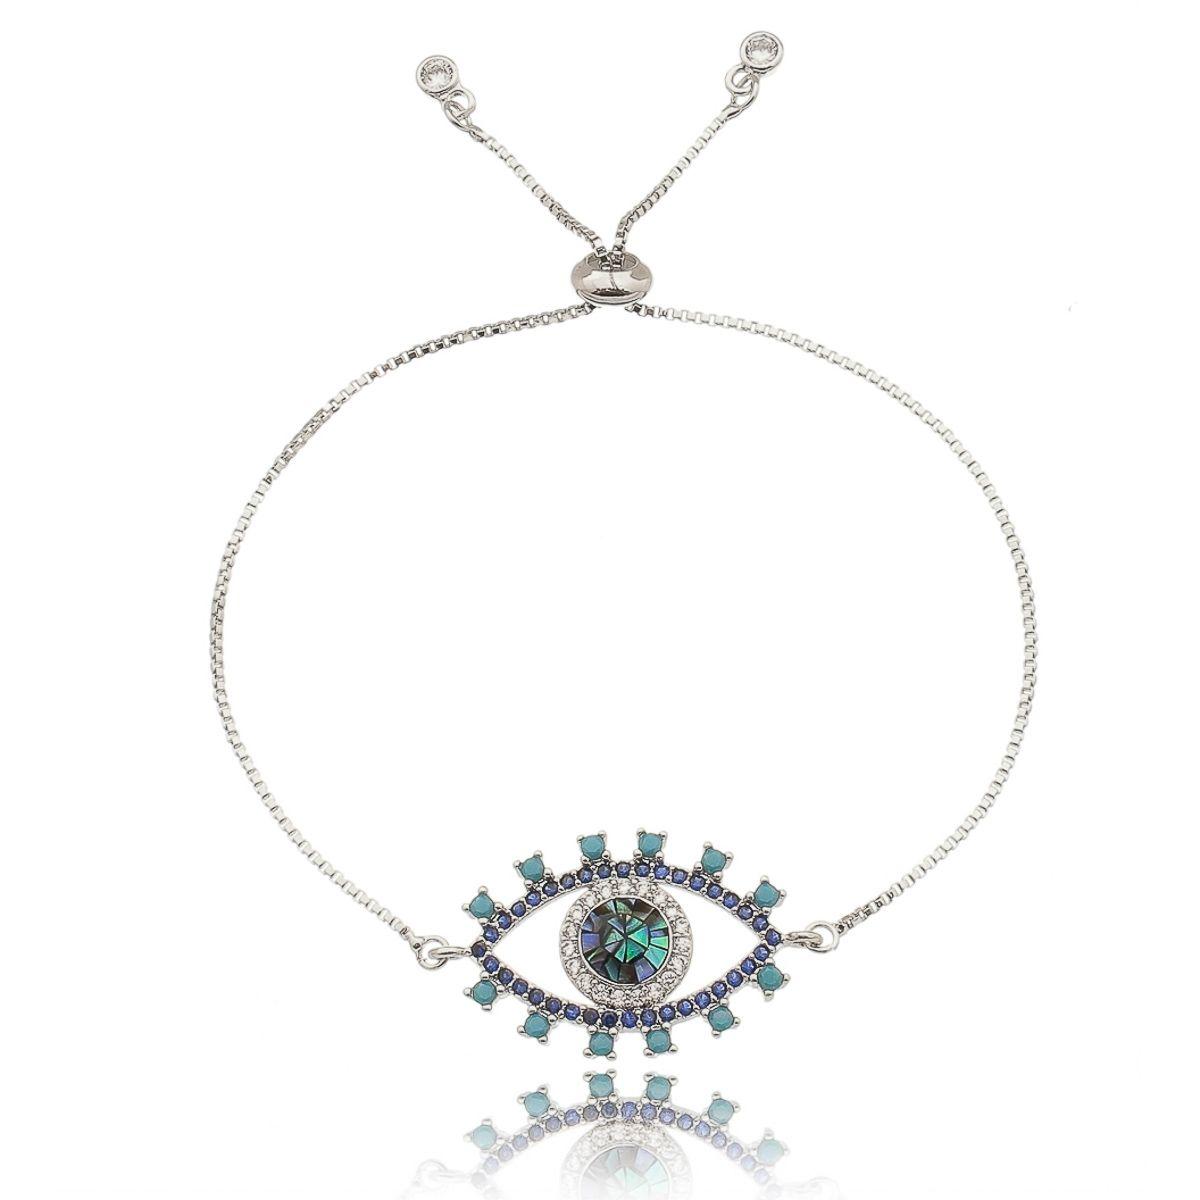 4998566f4ee Pulseira Olho Grego Mosaico em Madrepérola e Zircônias Cristal e Turquesa  Semijoia Luxo Ródio Branco ...